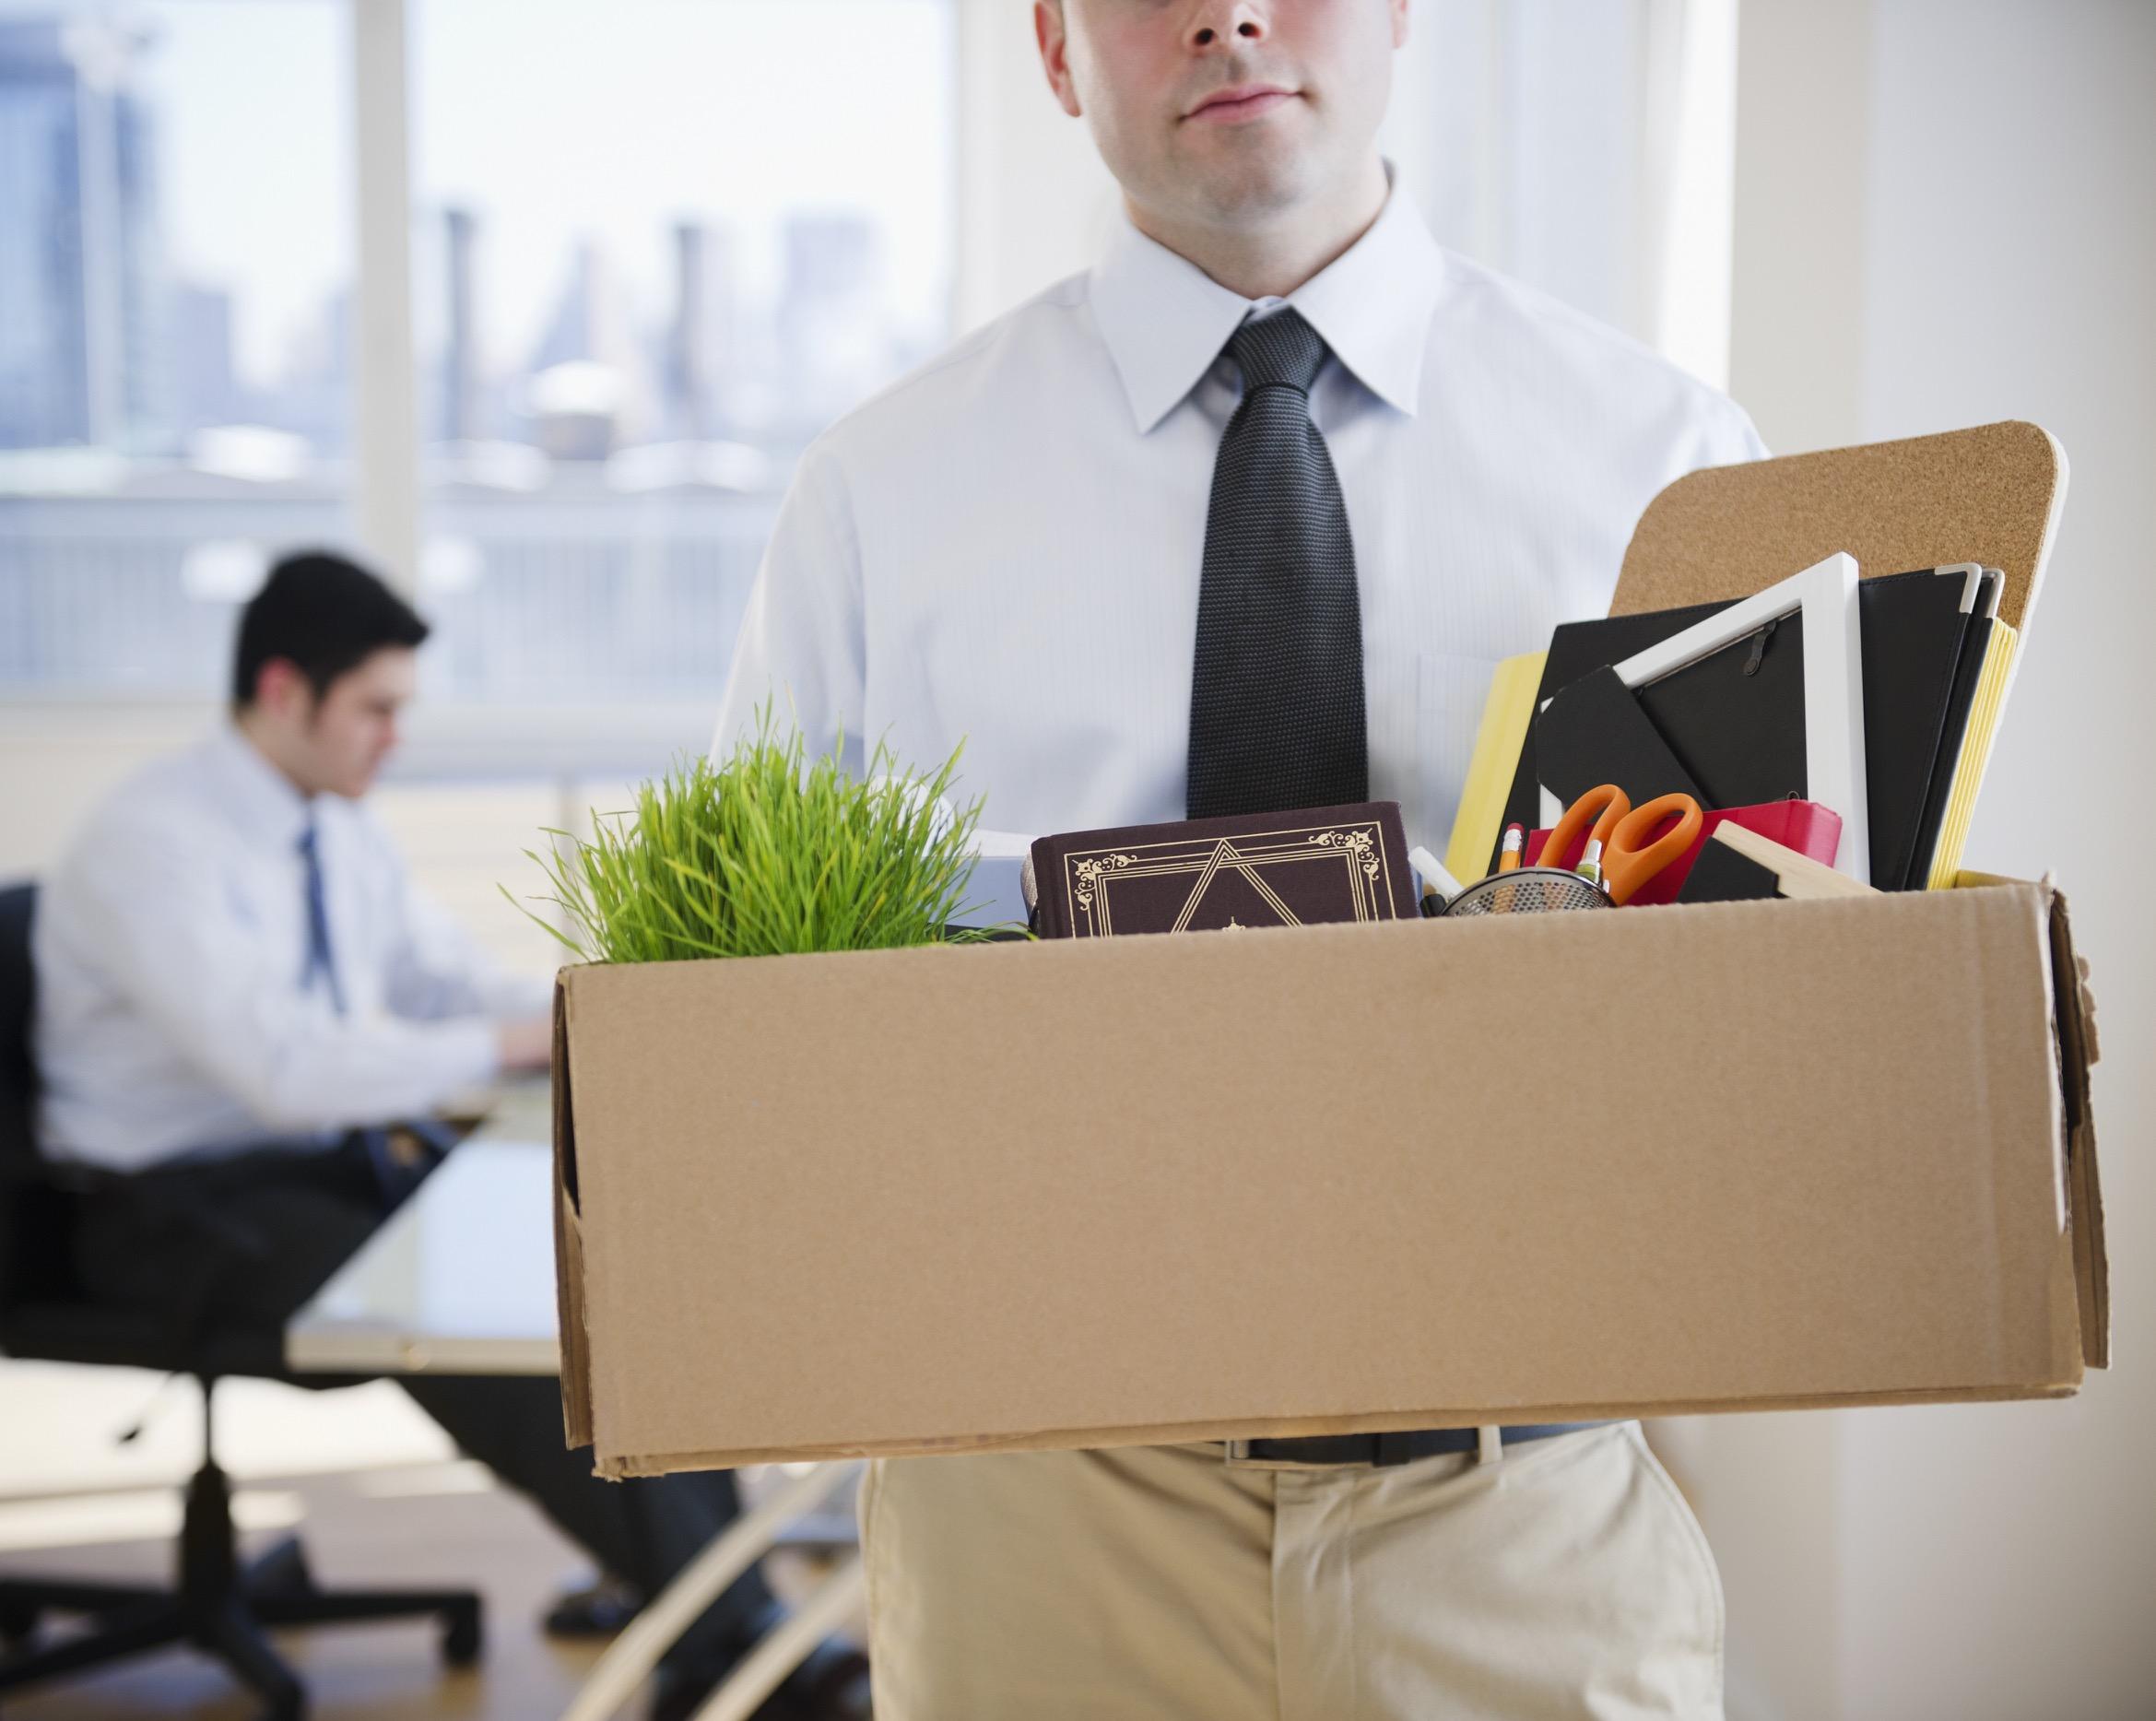 Saindo do emprego